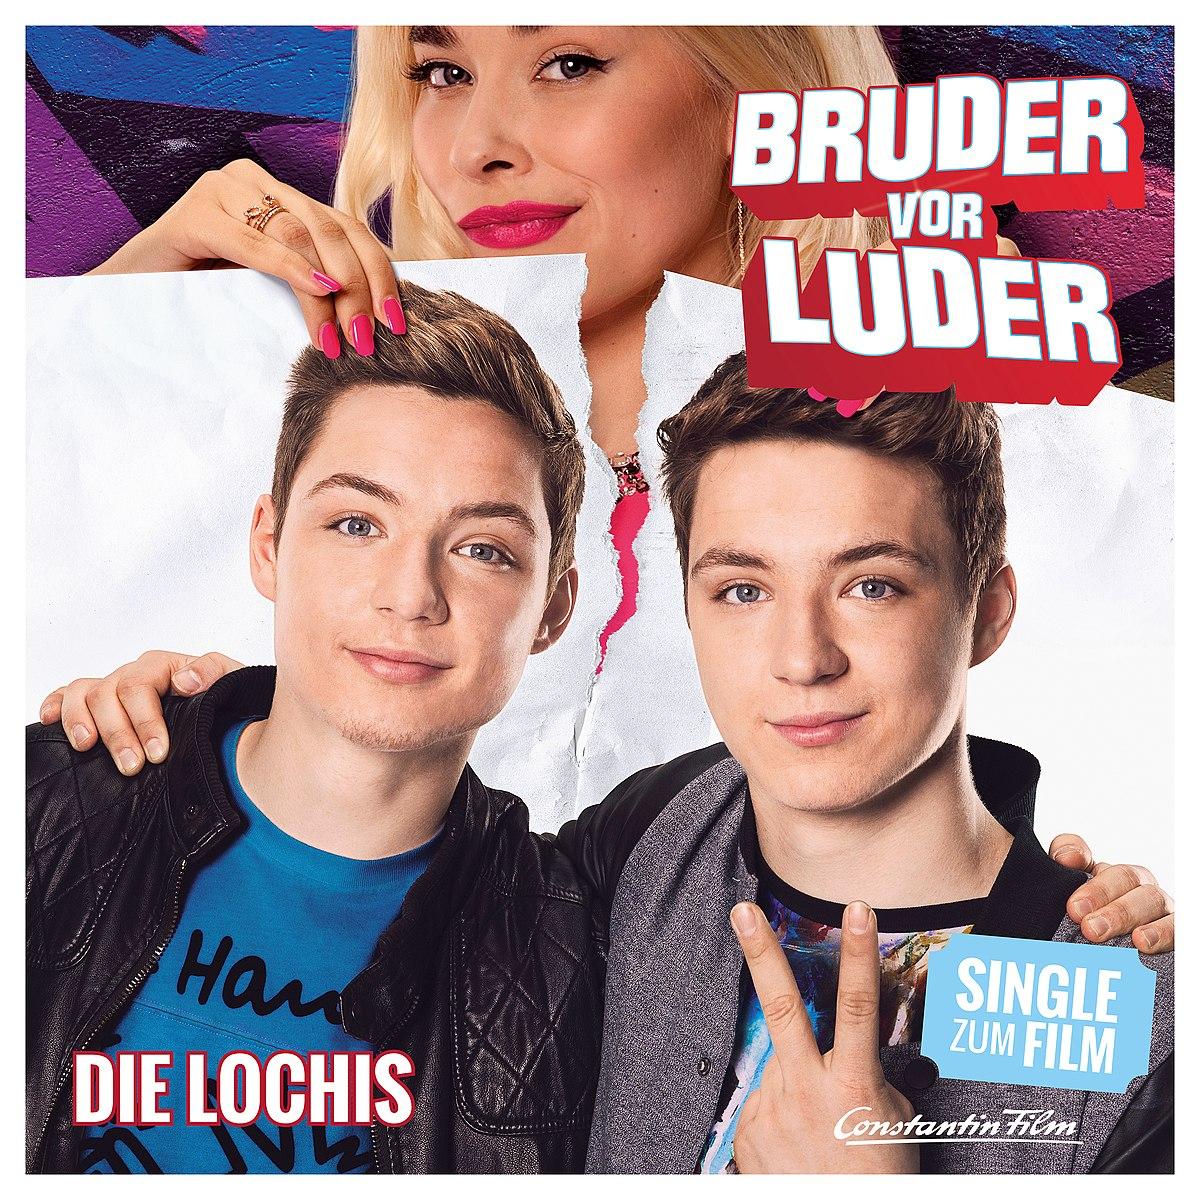 Bruder Vor Luder Kinox